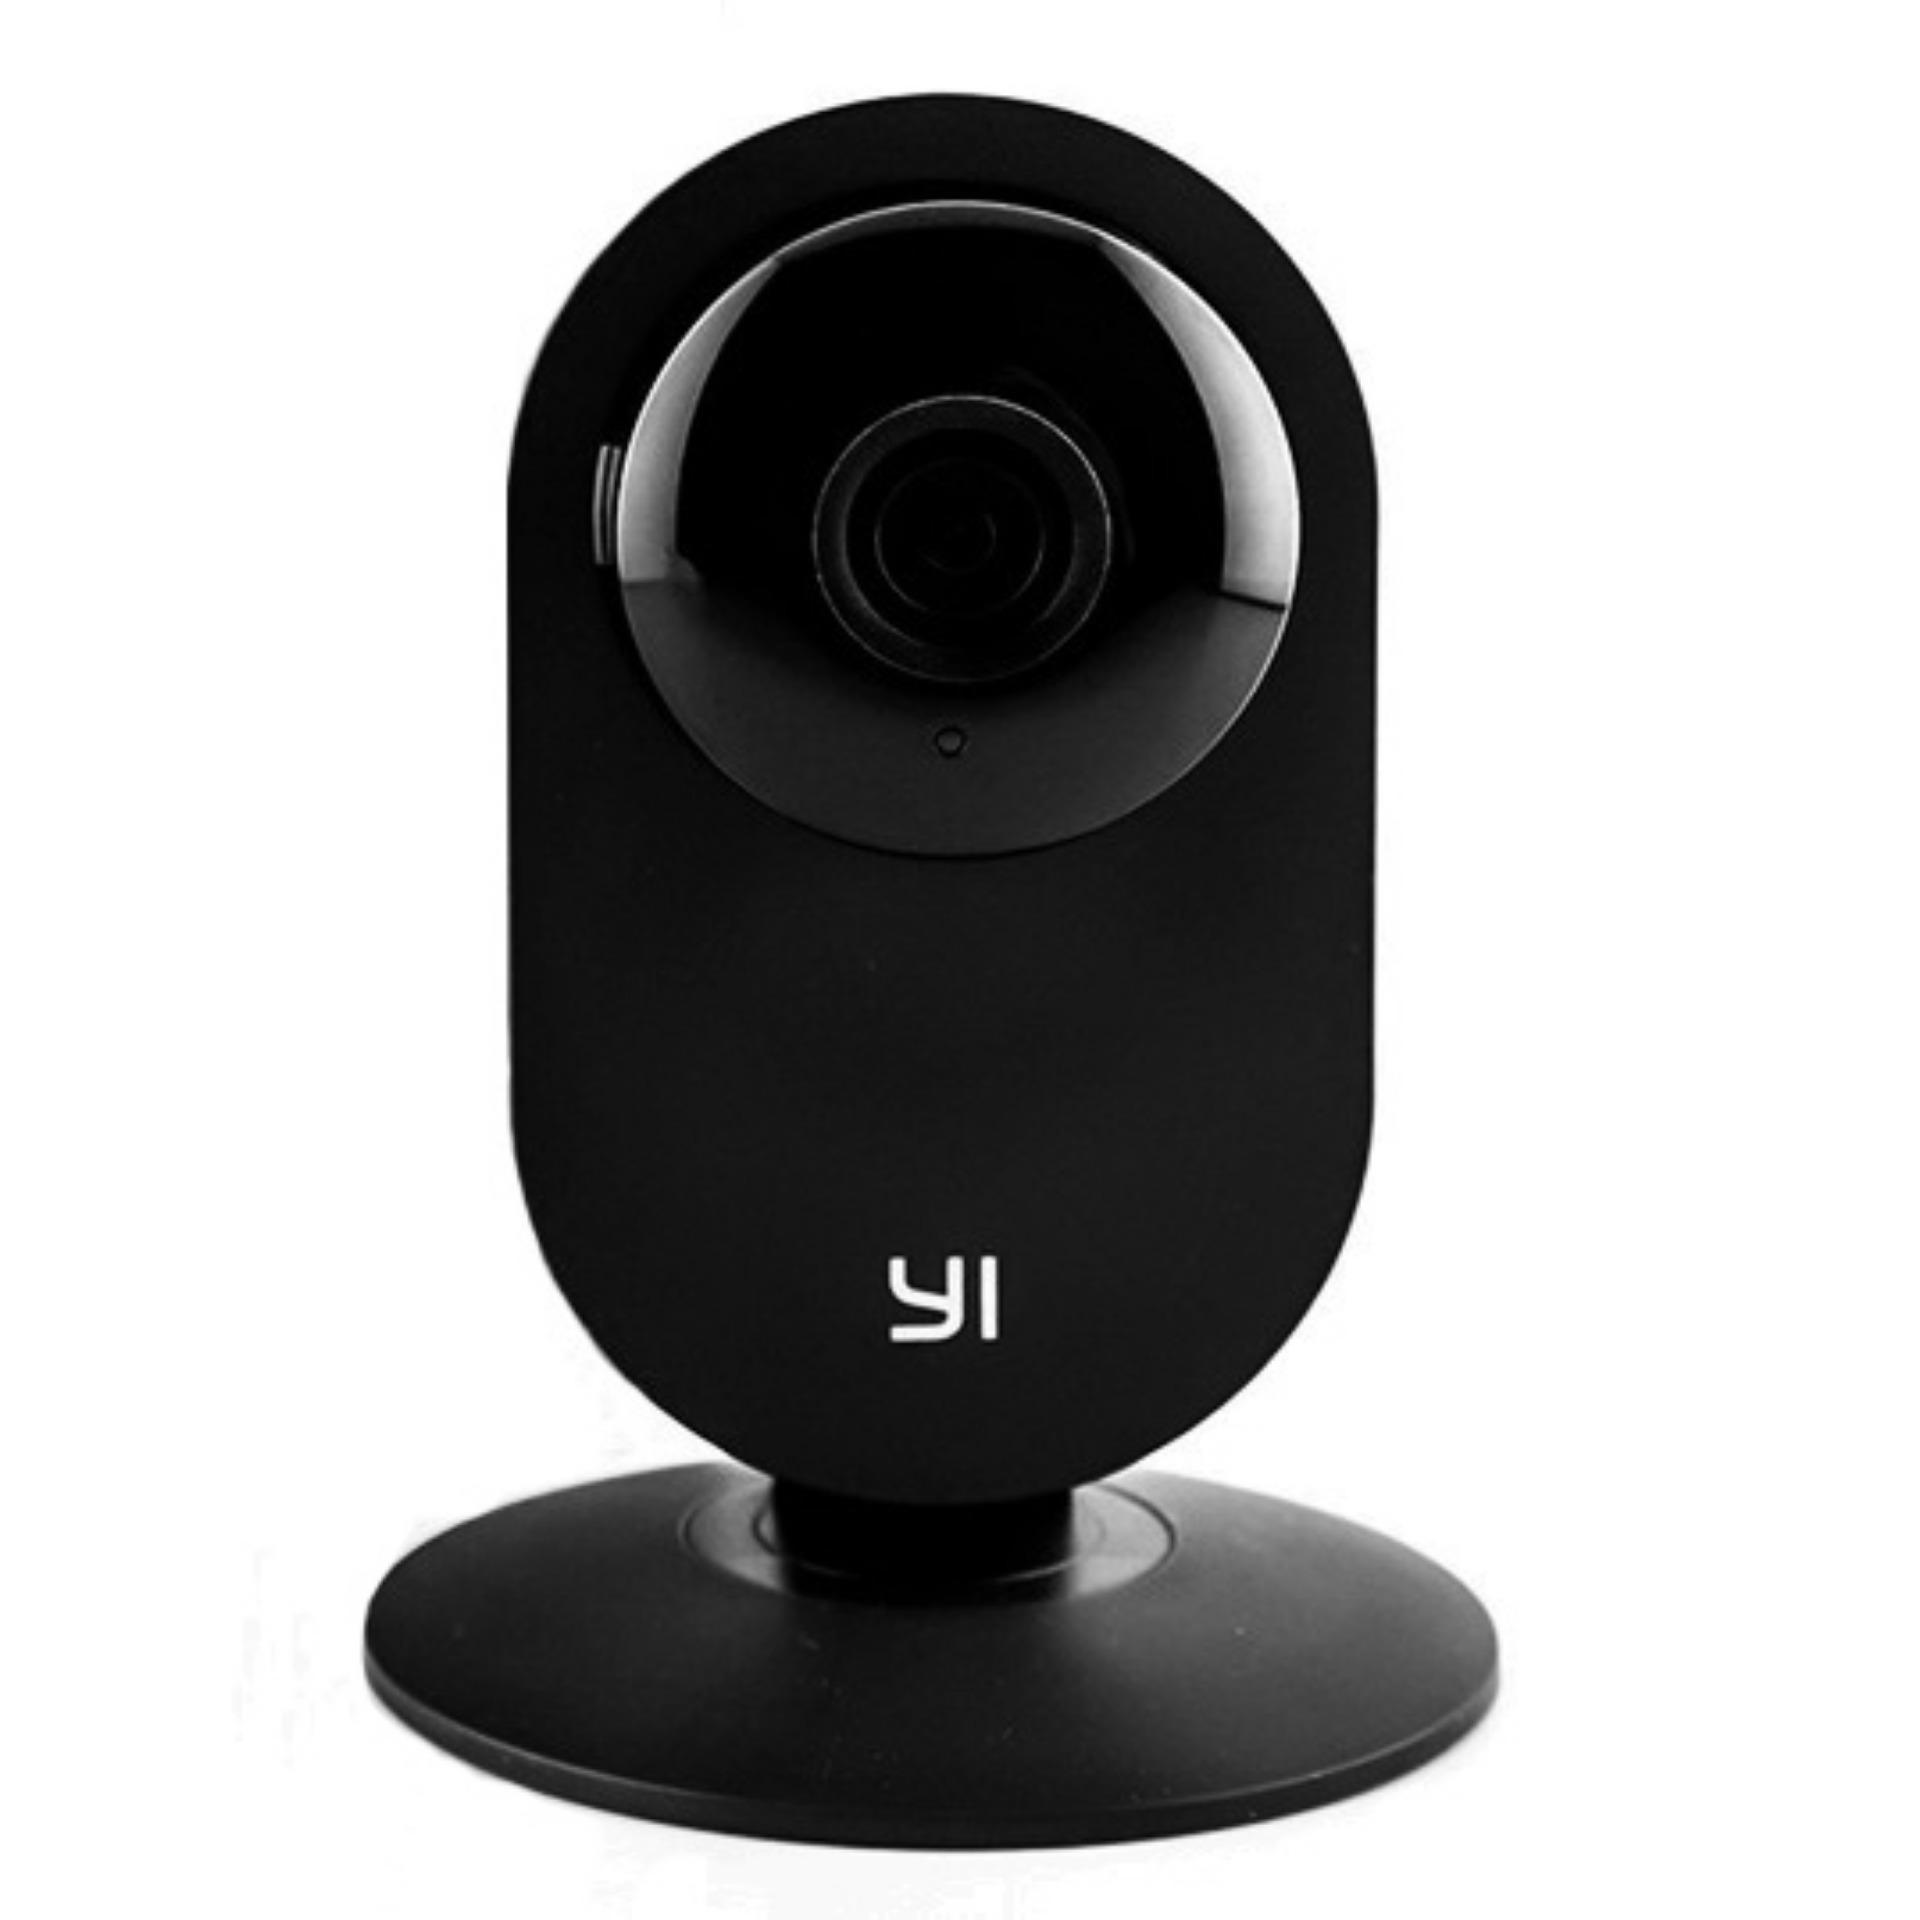 Yi Xiaomi Xiaoyi YI Home IP Camera HD 720P 110 Degree International Version